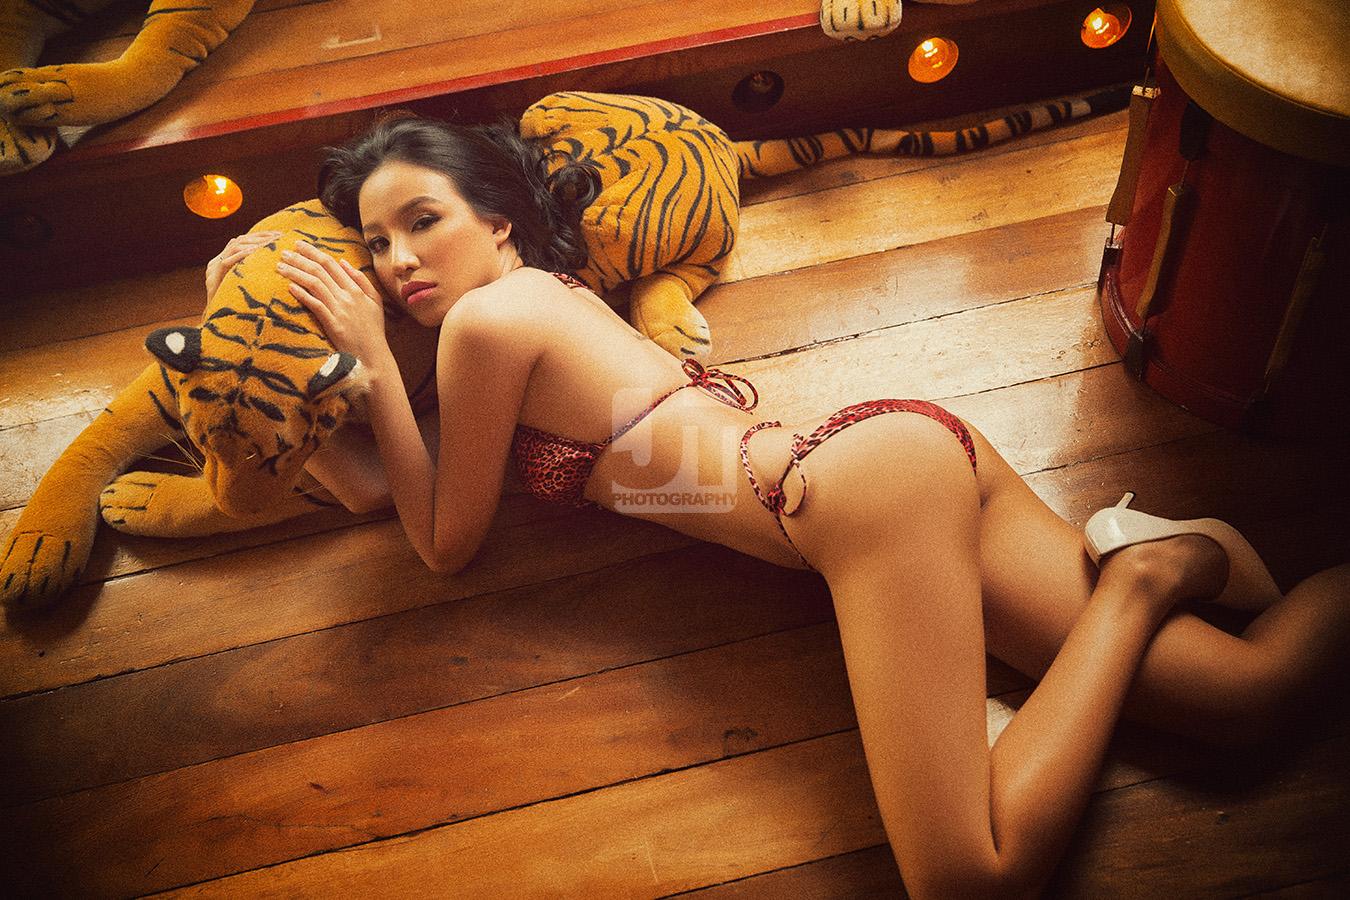 Model Porfolio: Kim